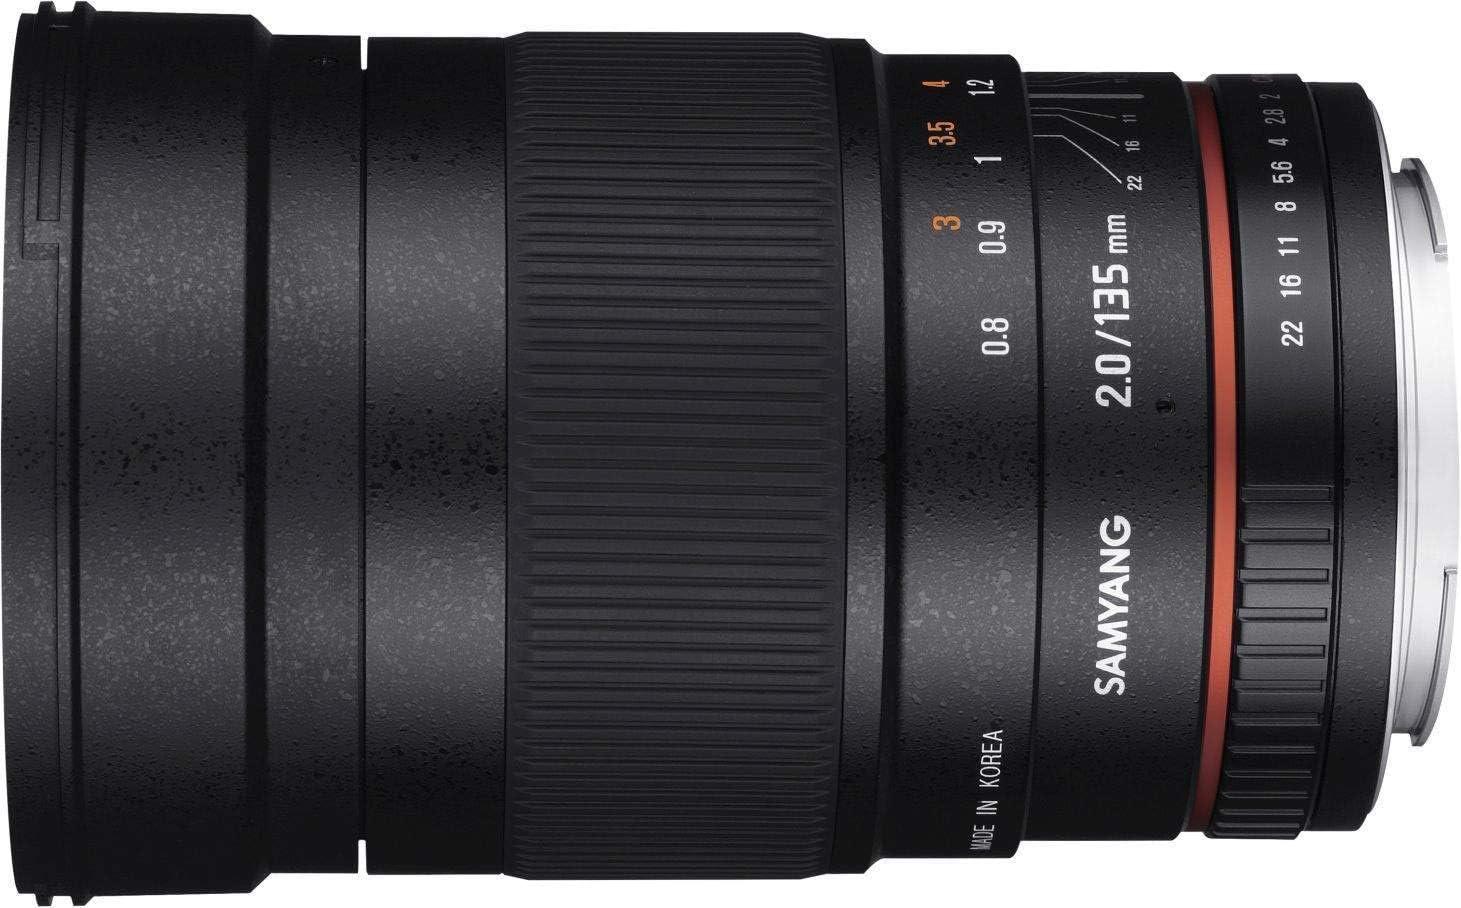 Samyang 135mm F2 0 Für Nikon F Vollformat Und Aps C Kamera